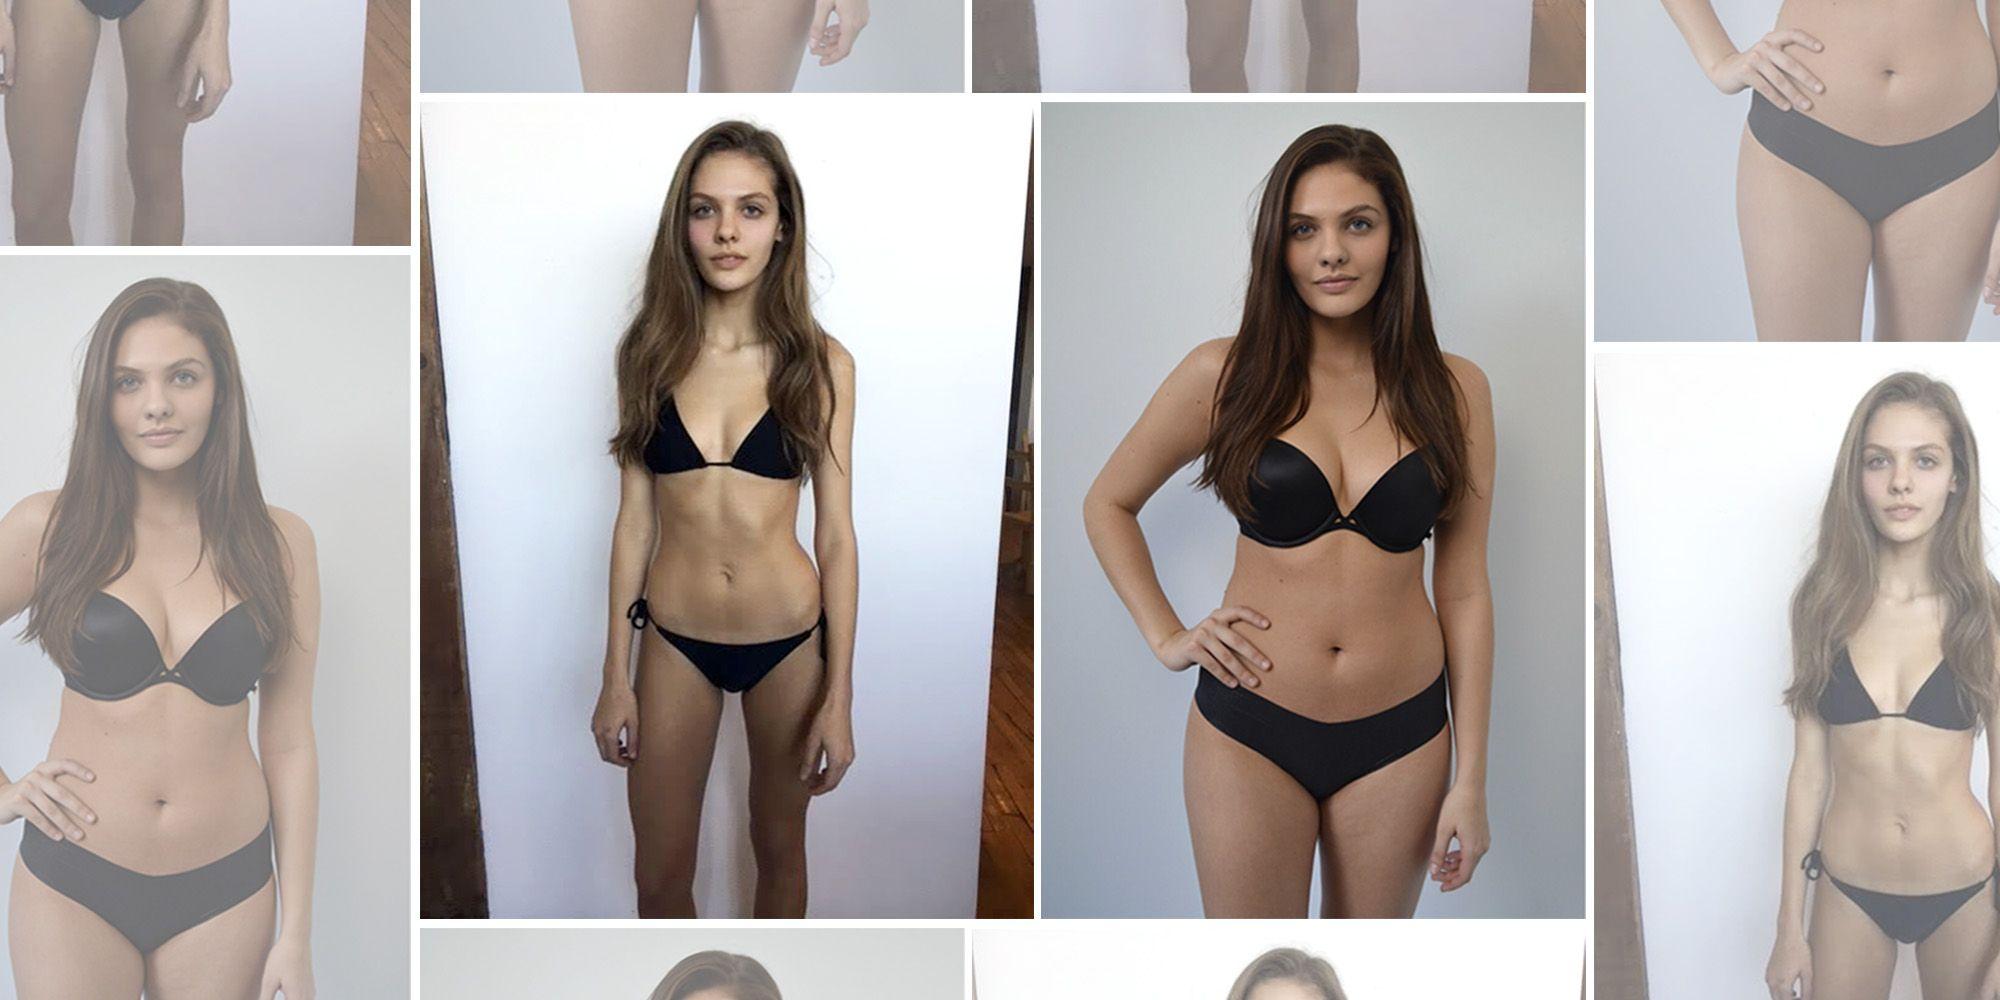 Asian girl gaining weight